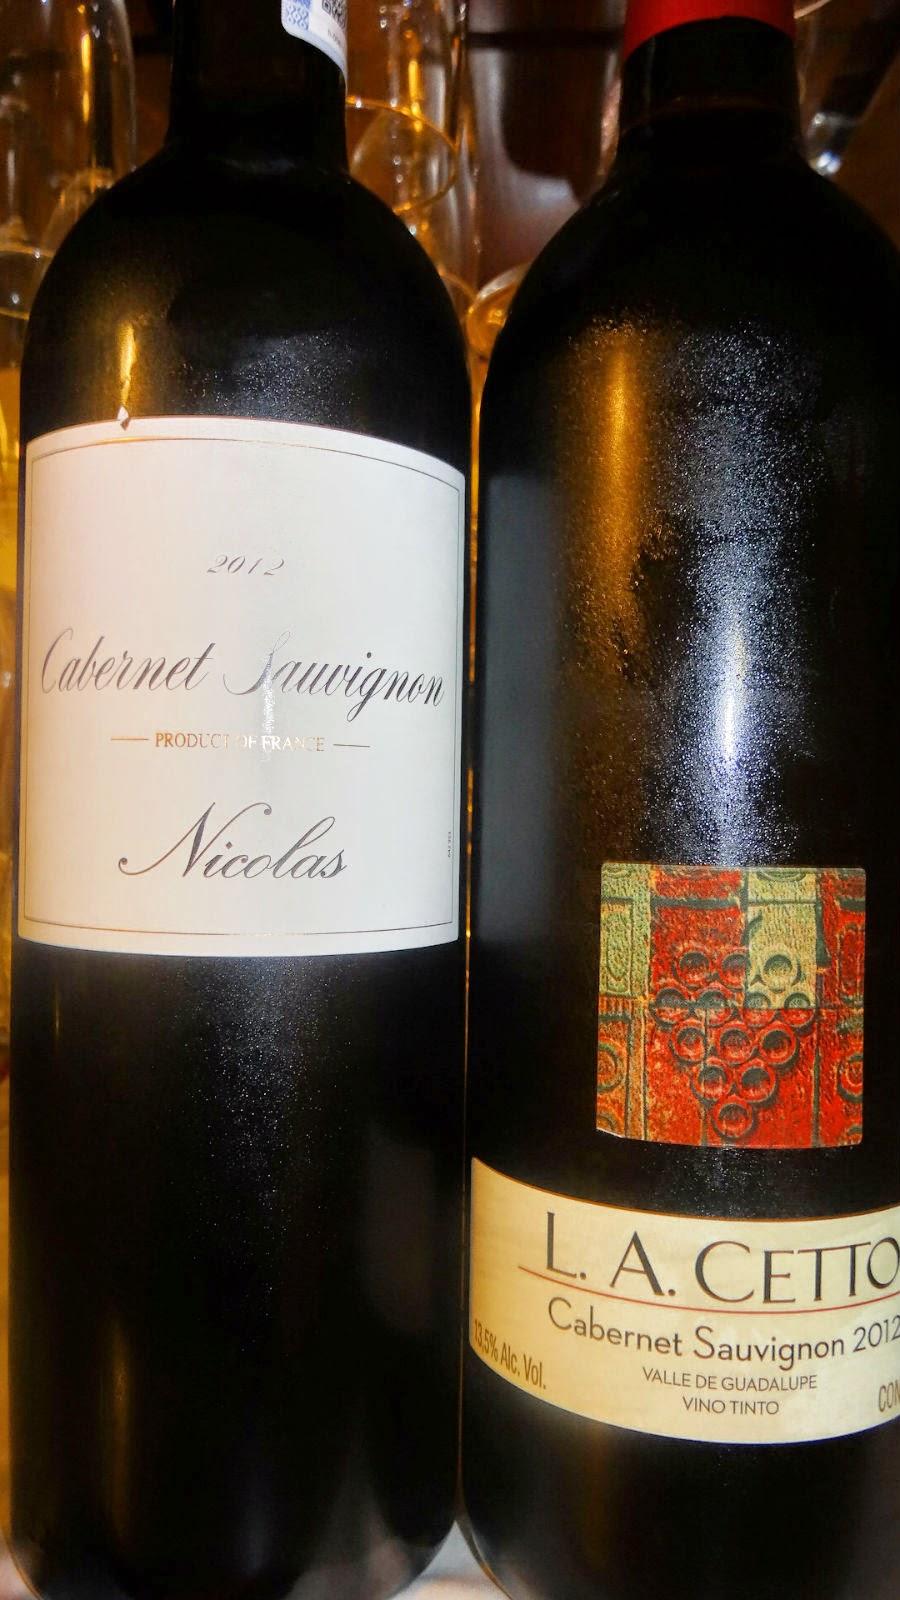 Maison nicolas blog del vino 52 semanas 52 vinos 2018 for Maison nicolas